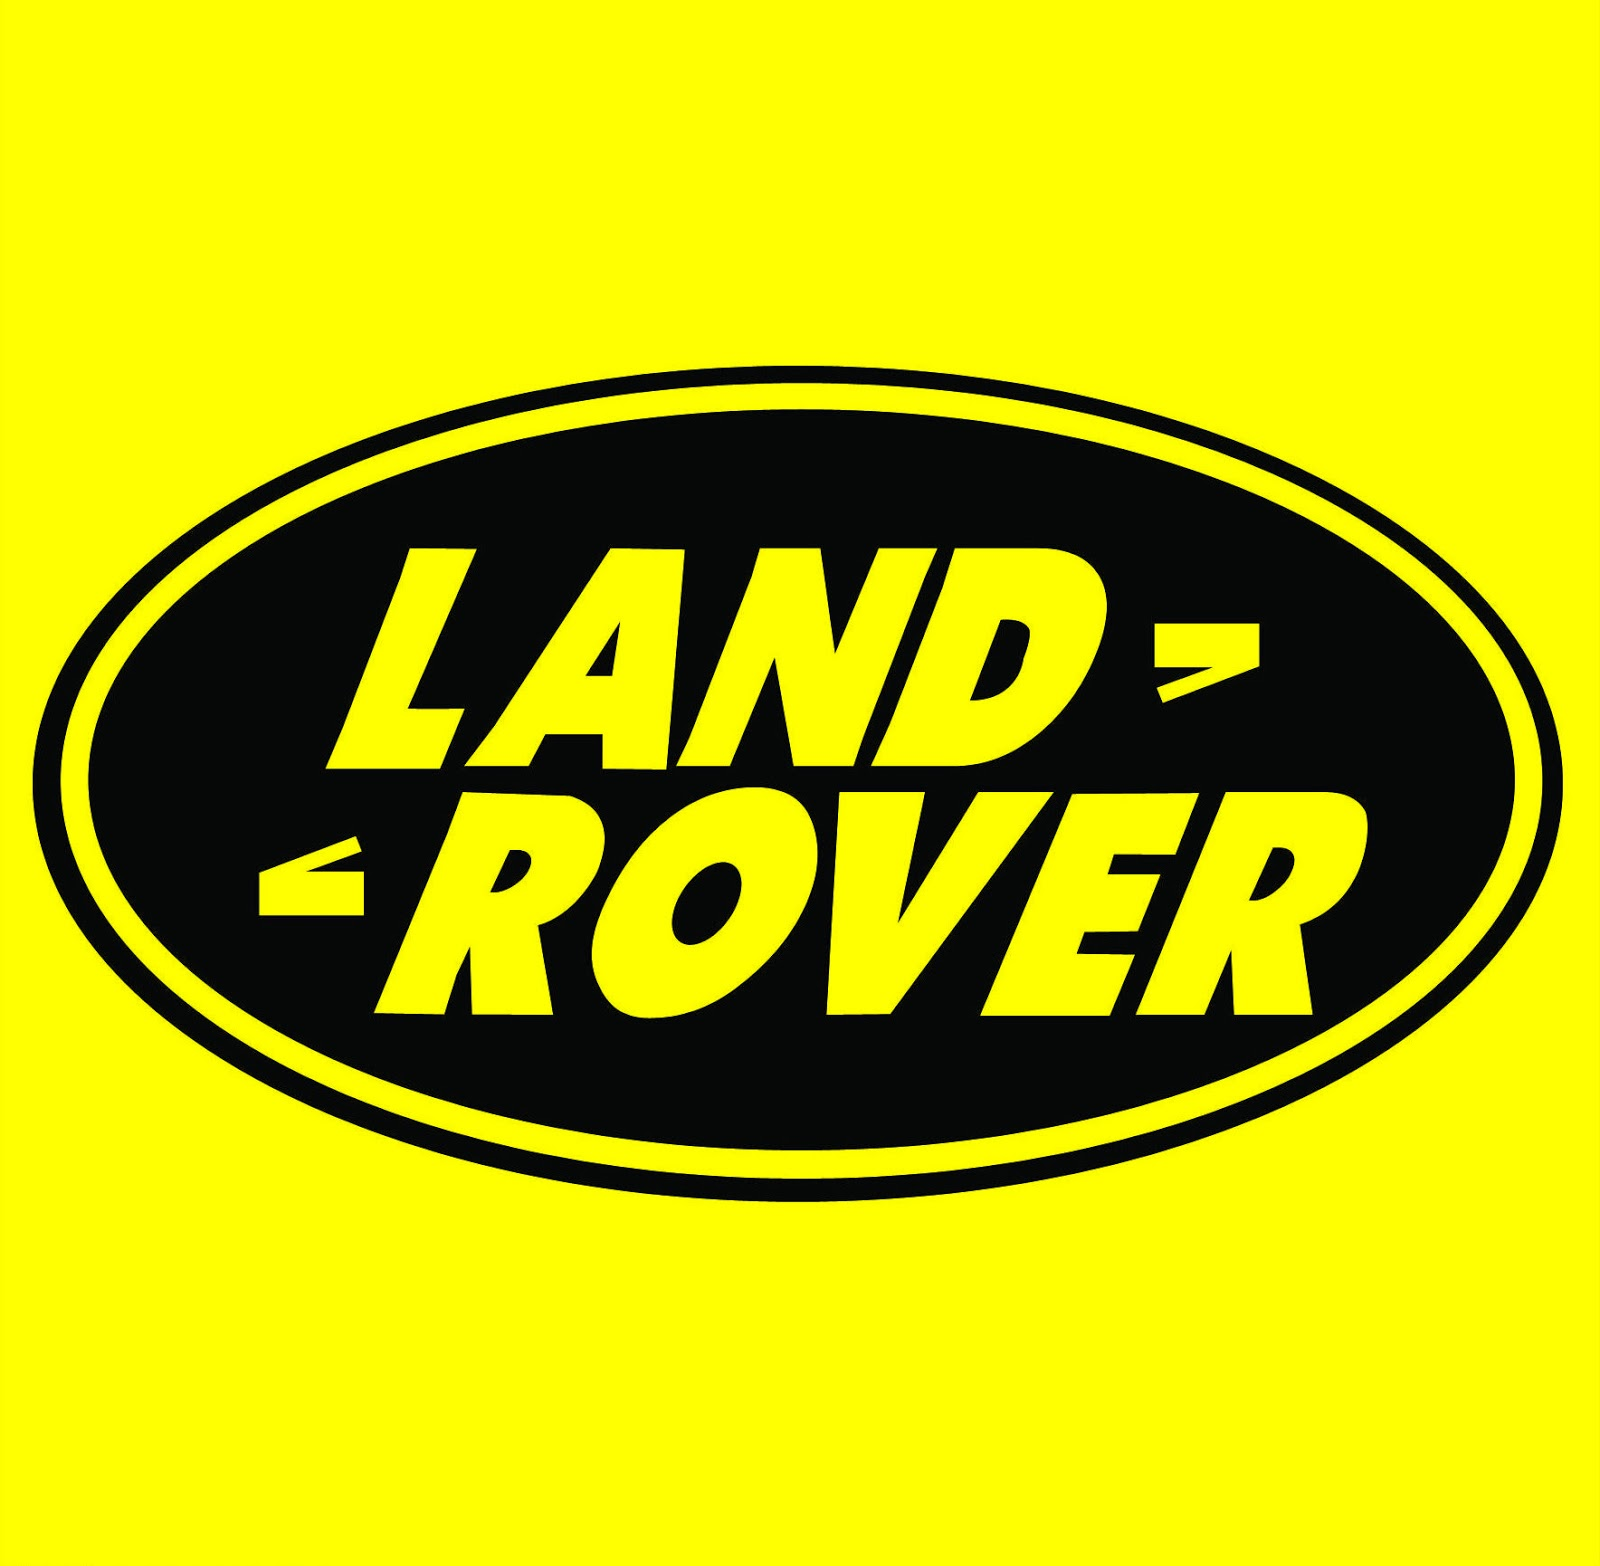 land rover logo 2013 geneva motor show. Black Bedroom Furniture Sets. Home Design Ideas